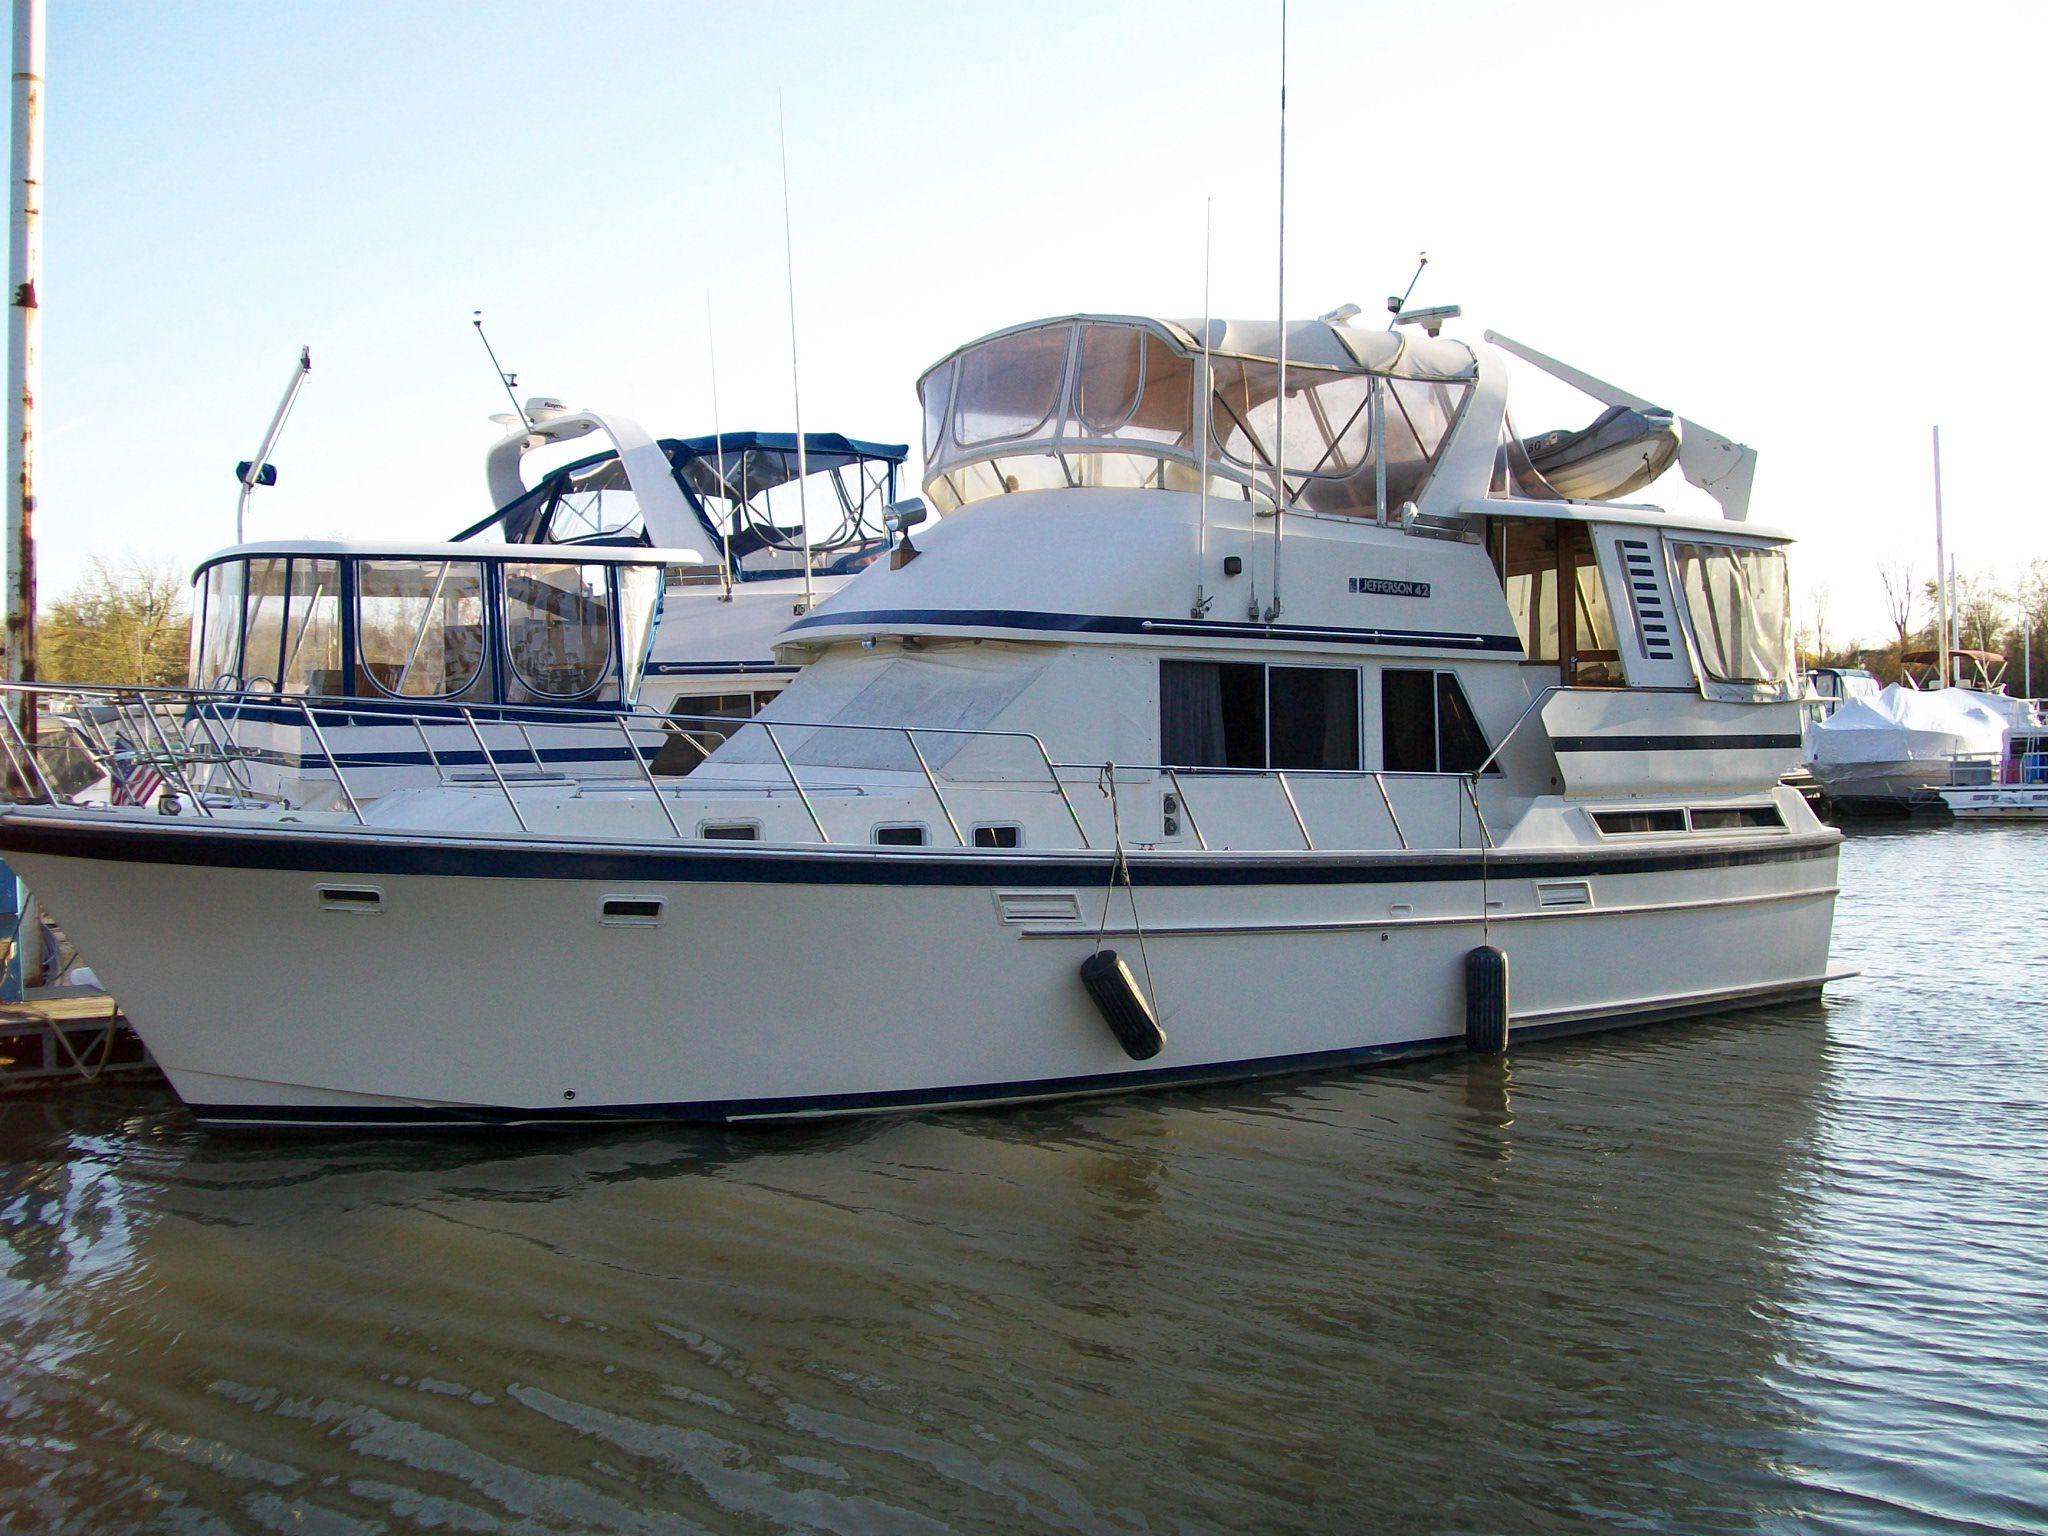 Boat Listings In Jeffersonville IN